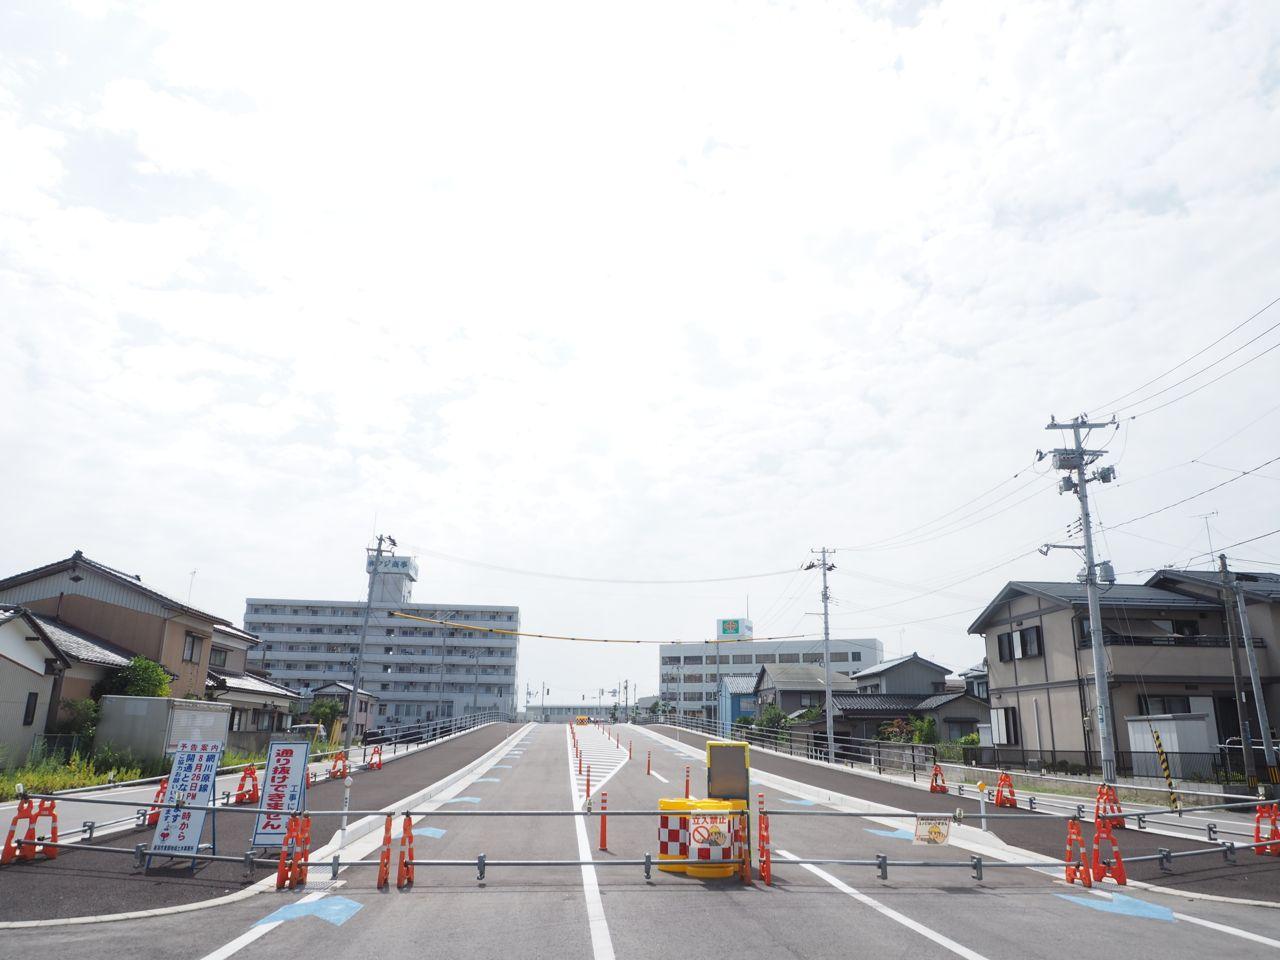 本日、新潟市中央区の網川原線が開通します 本日、新潟市中央区の網川原線が開通します | GATA